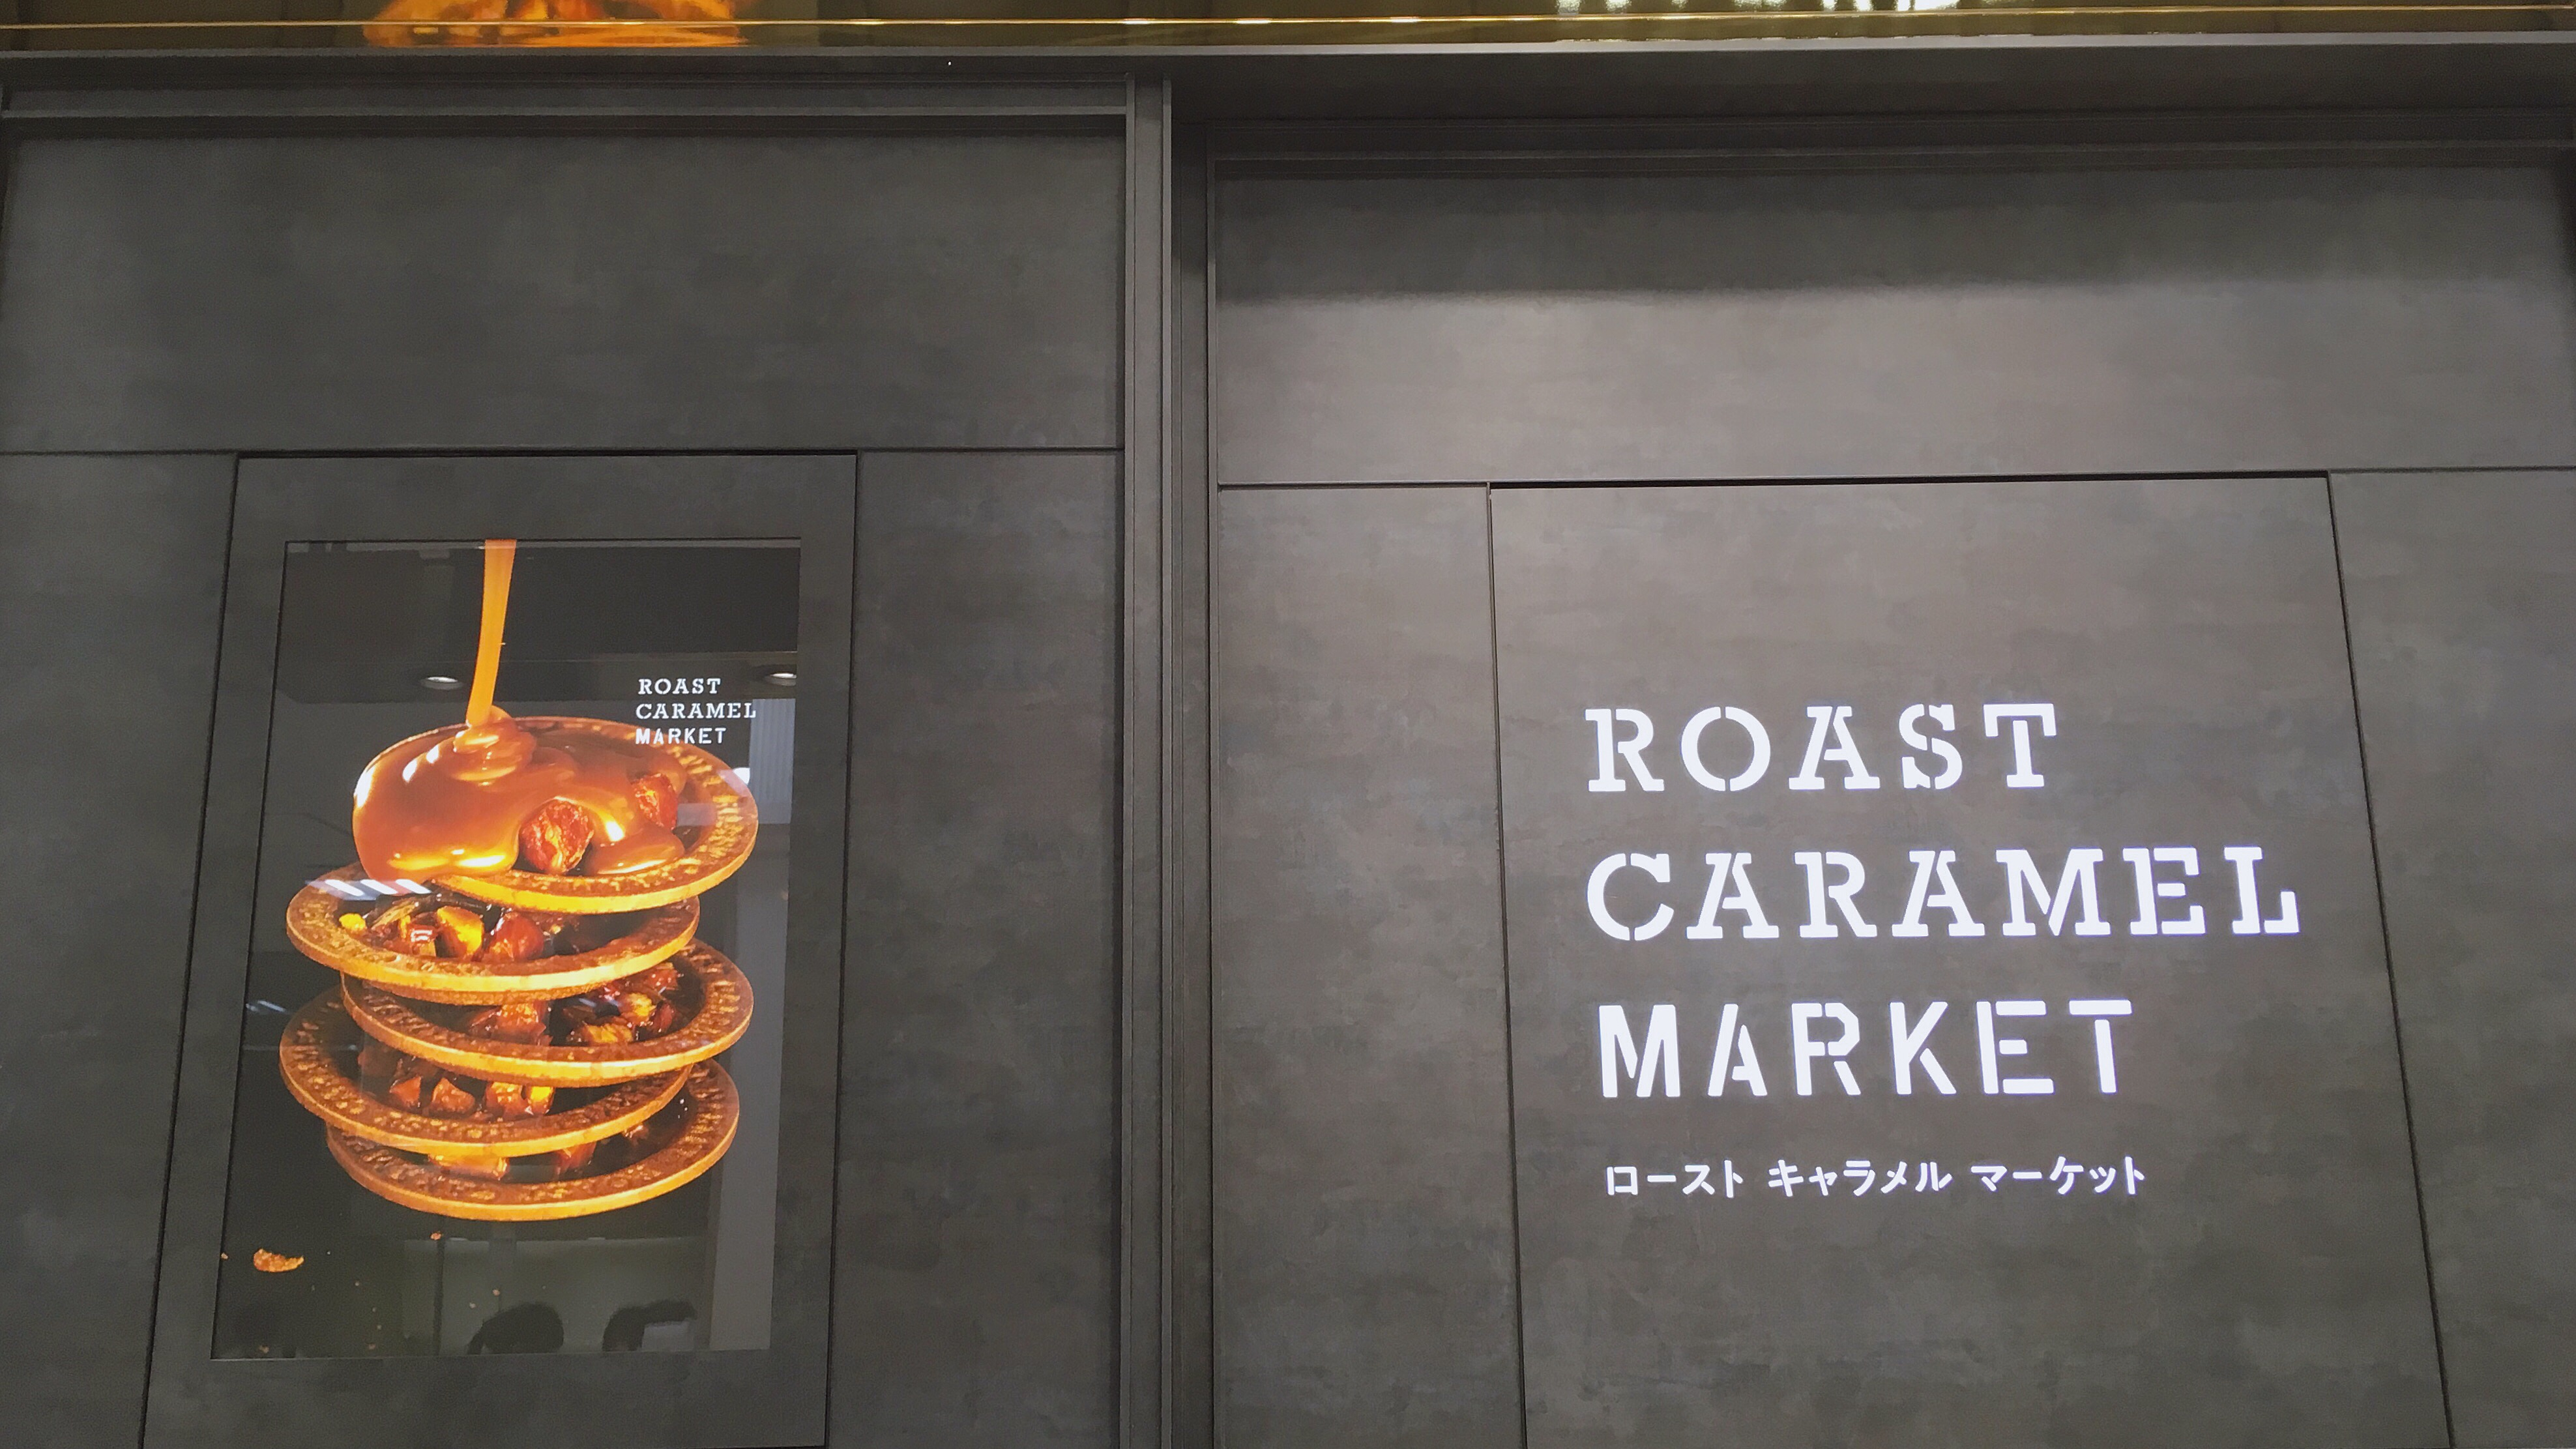 池袋の東武百貨店にあるローストキャラメルマーケットの店舗外観